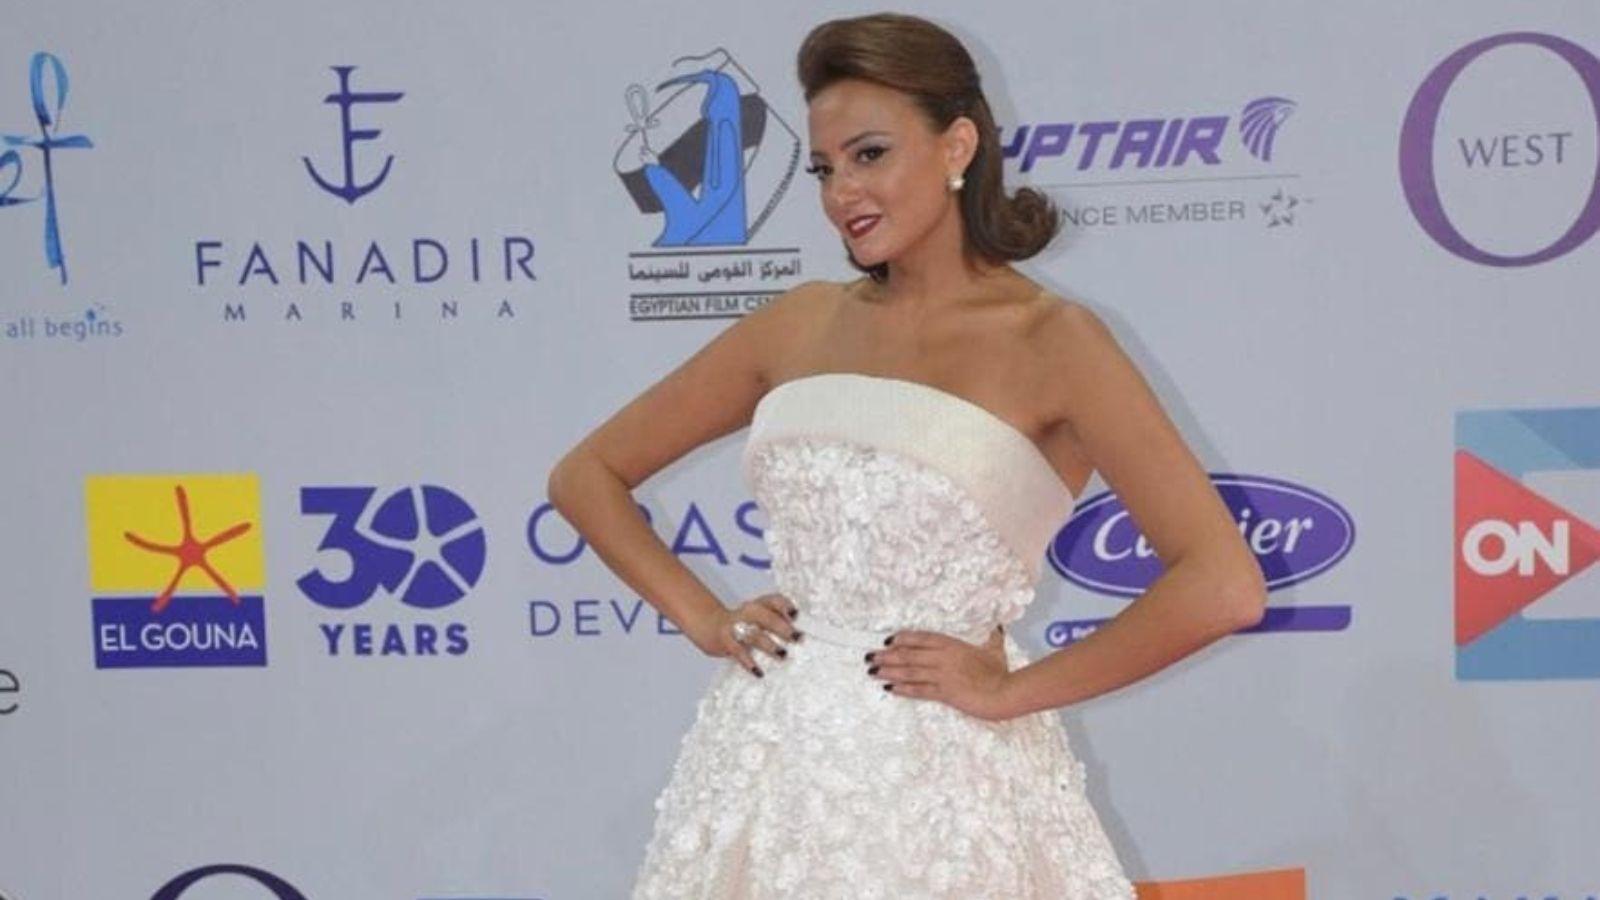 بشرى تدافع عن رانيا يوسف أمام الانتقادات وتكشف جديدها مع محمد رمضان فيديو Strapless Dress Formal Strapless Wedding Dress Wedding Dresses